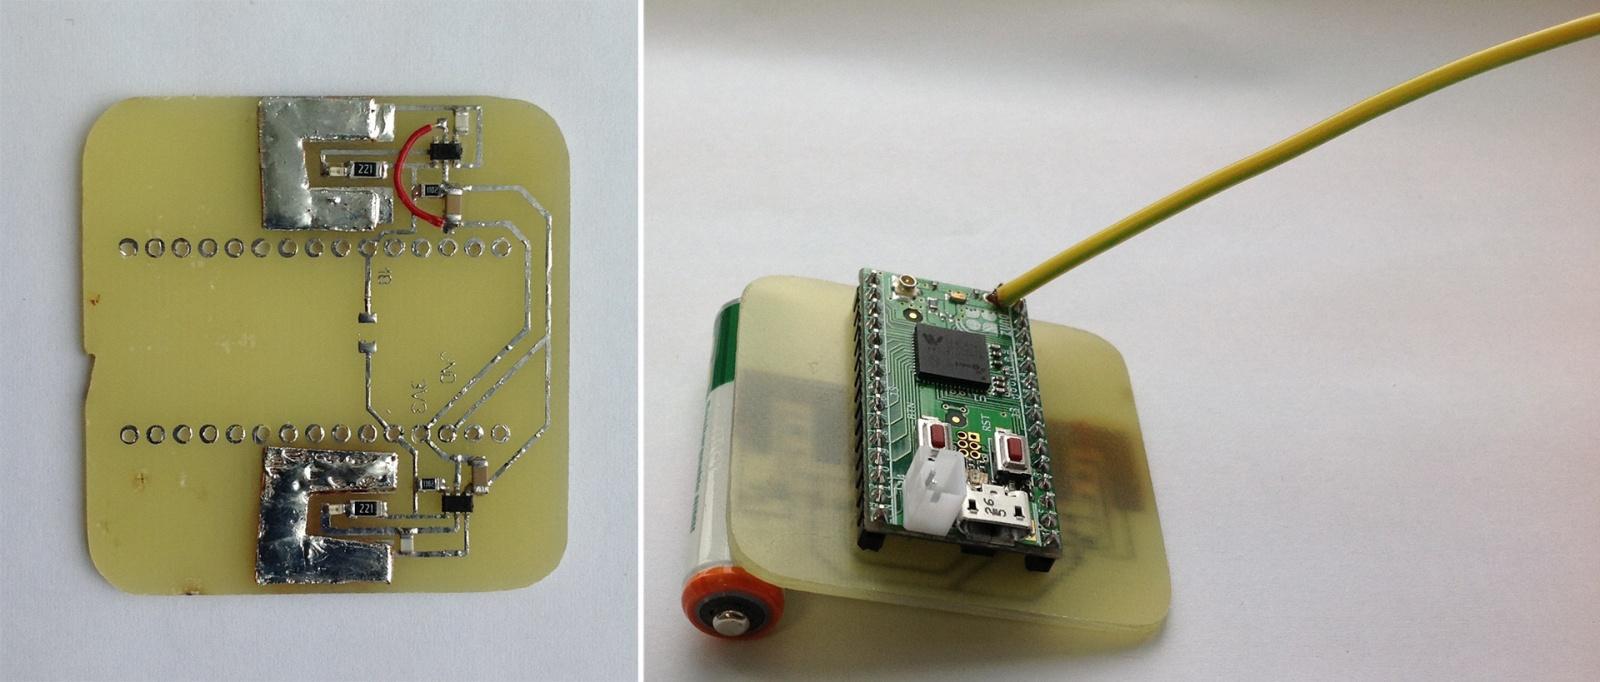 Сенсорный радио выключатель на батарейках. Livolo + Z-Uno - 6